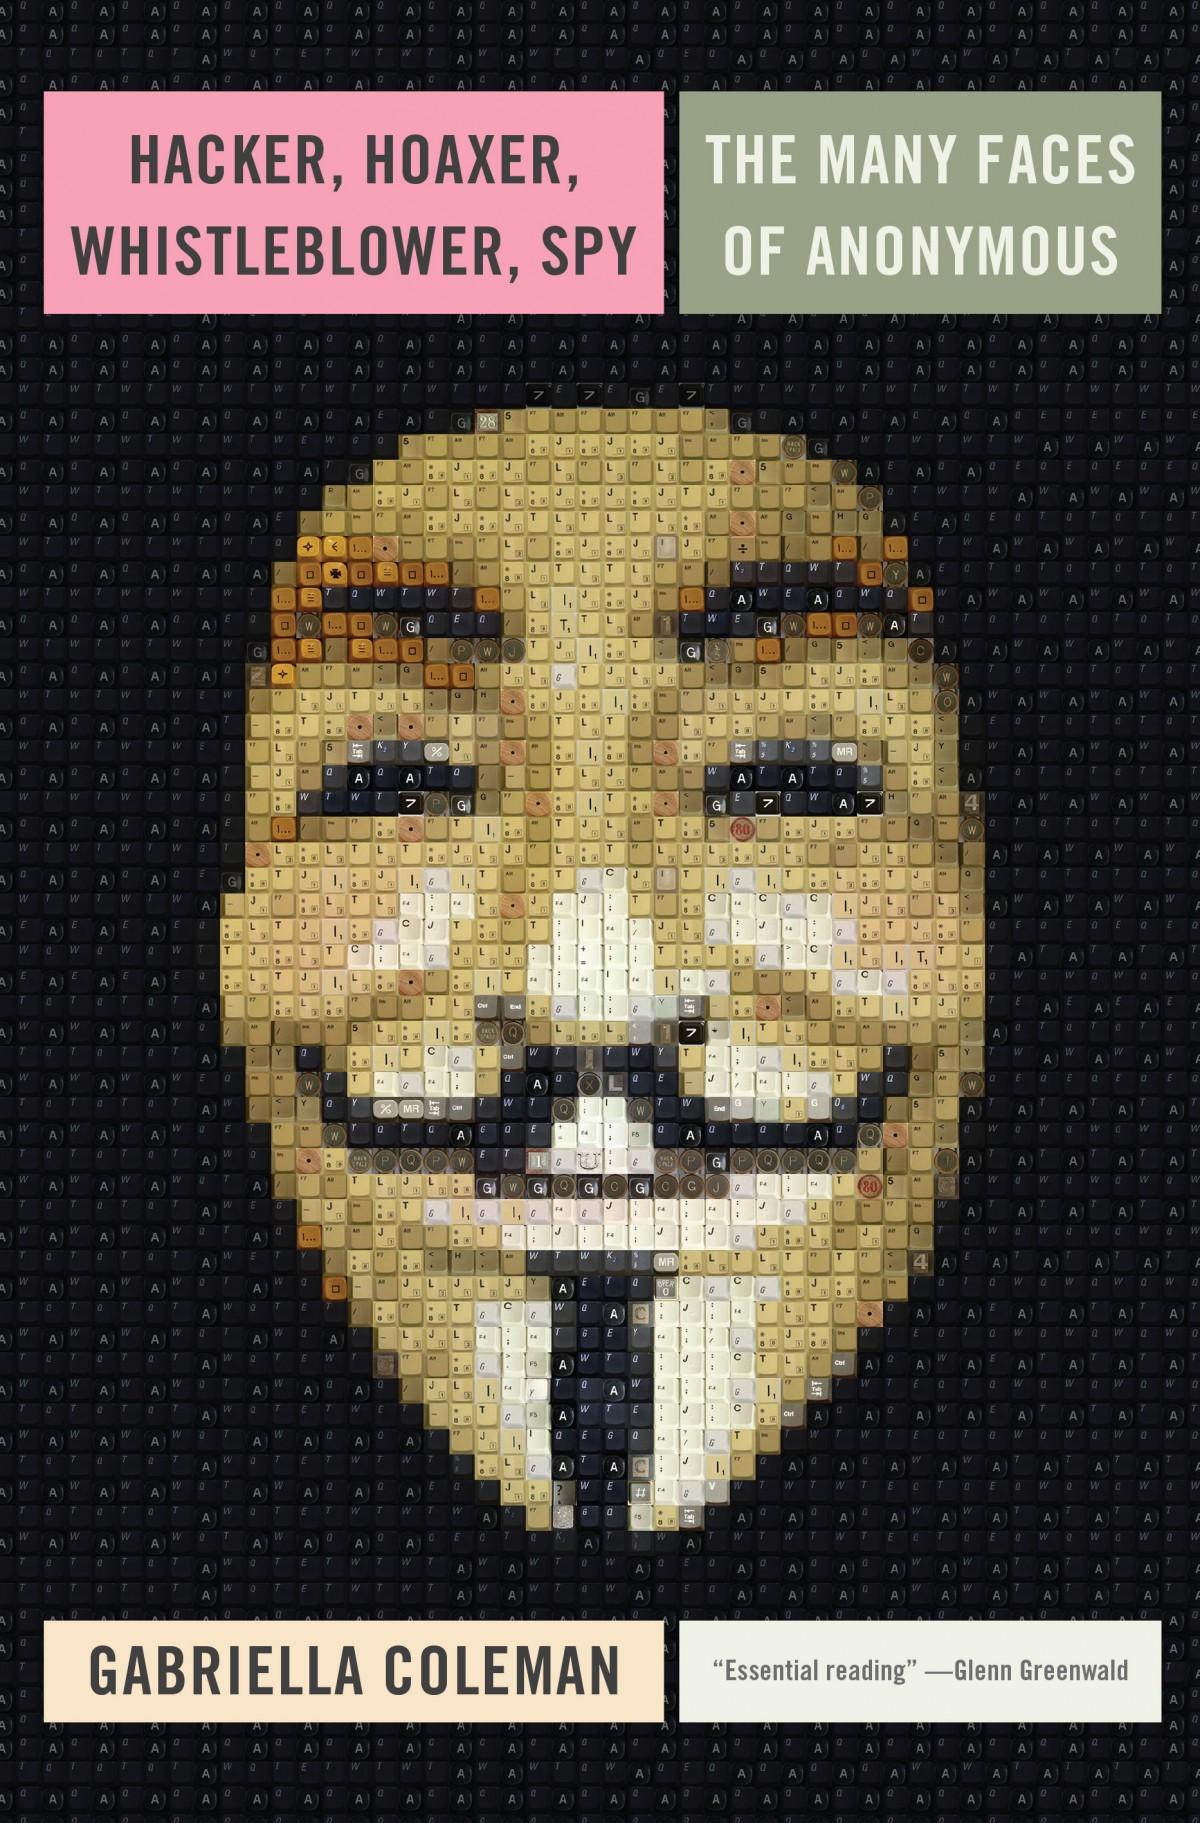 Hacker_CMYK_300dpi-e14157309598602.jpg